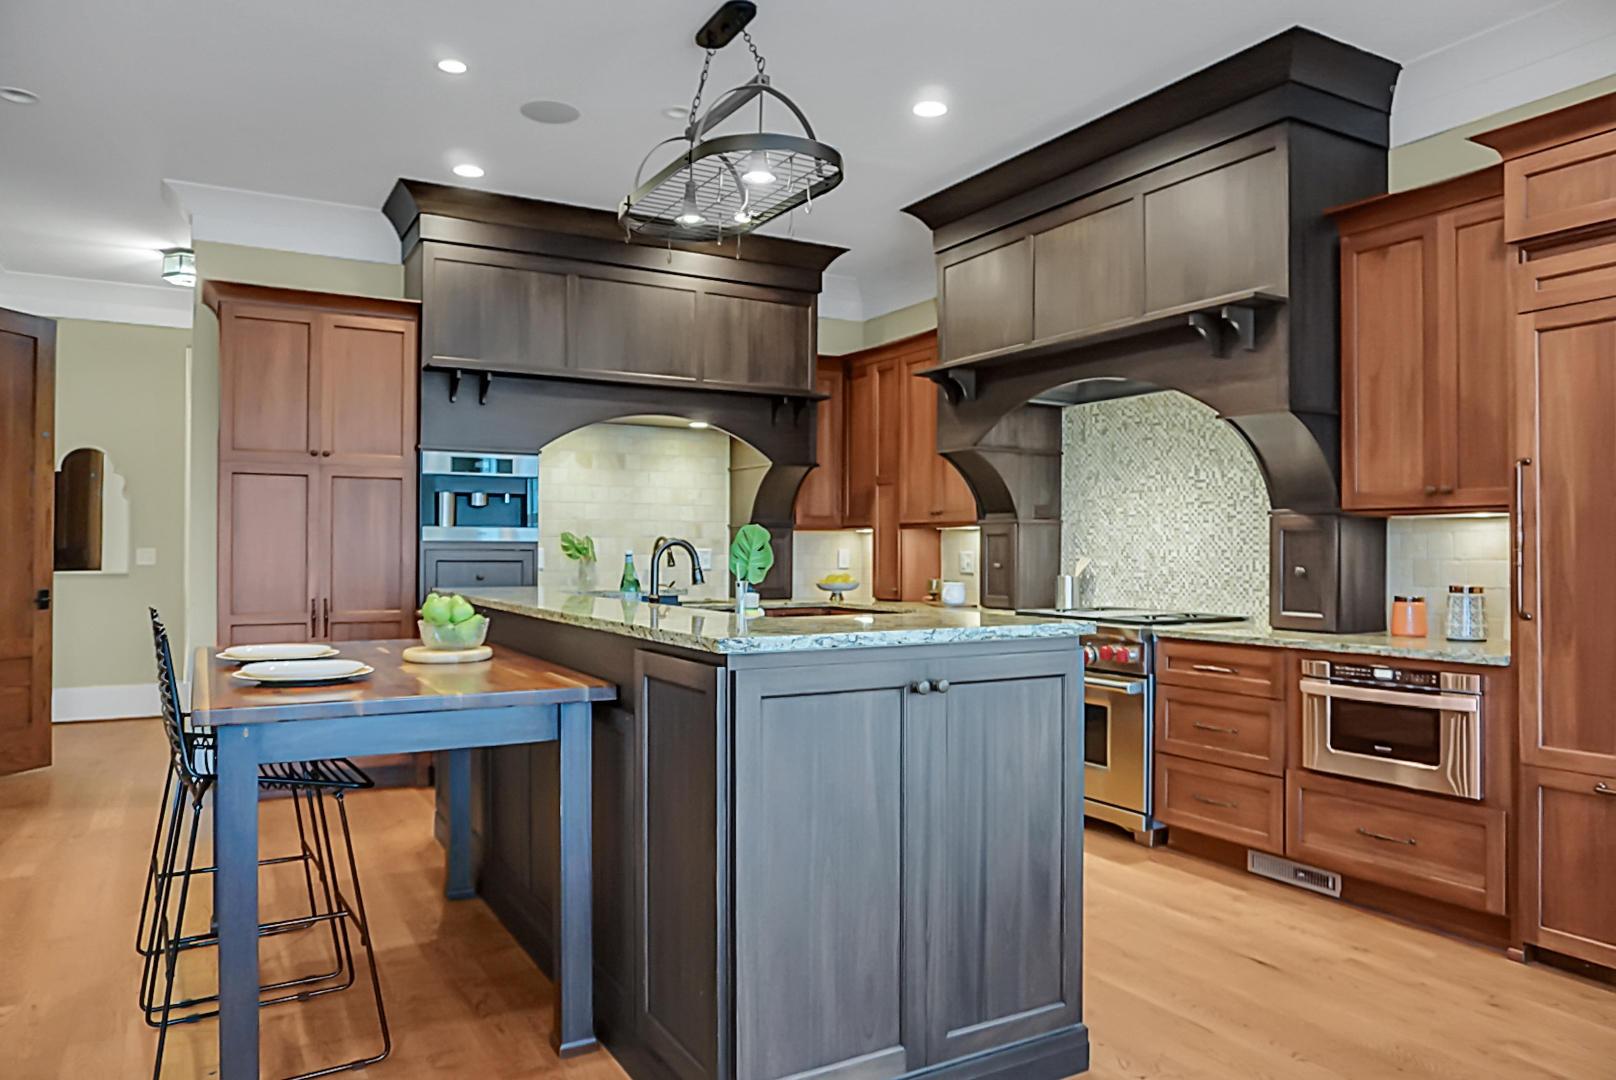 Dunes West Homes For Sale - 2978 River Vista, Mount Pleasant, SC - 76